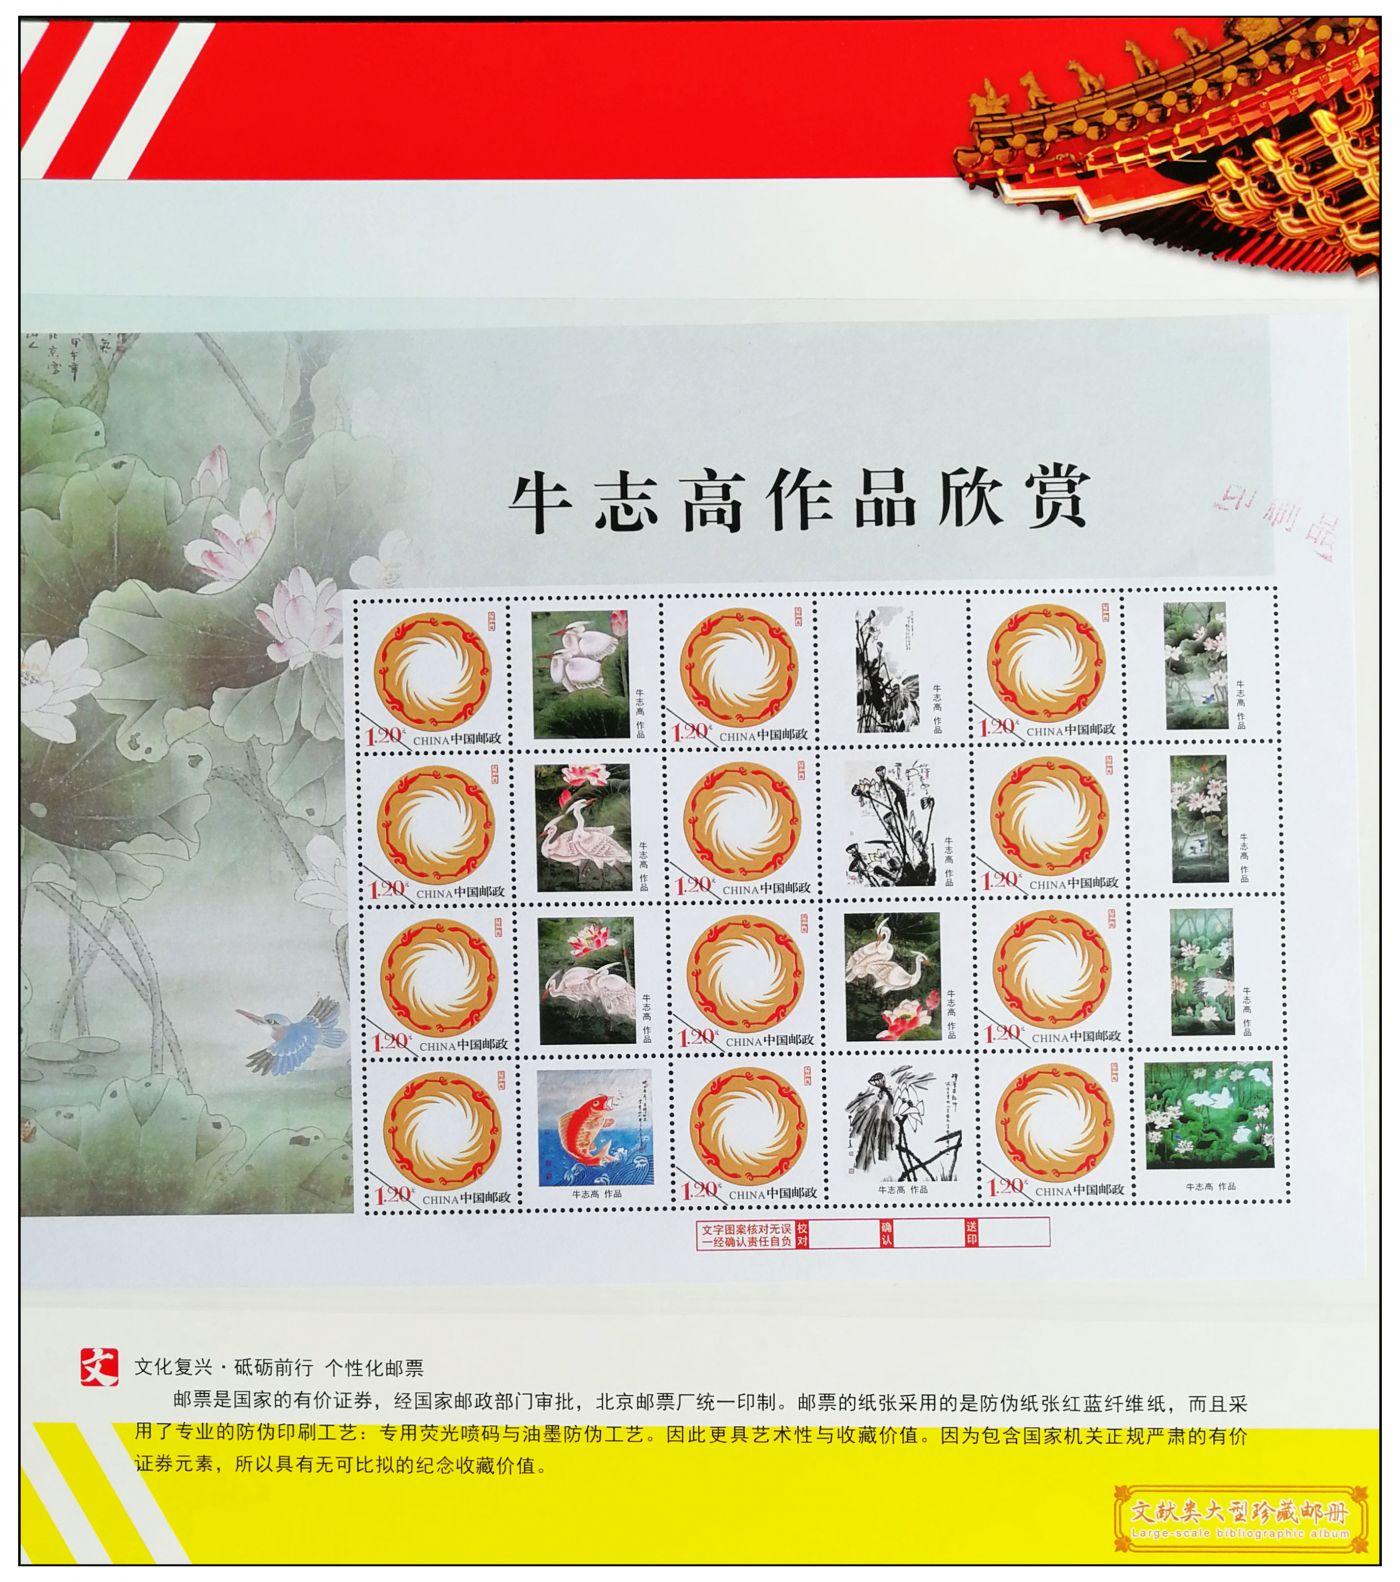 文化复兴----2020年牛志高绘画出版纪念邮票_图1-3